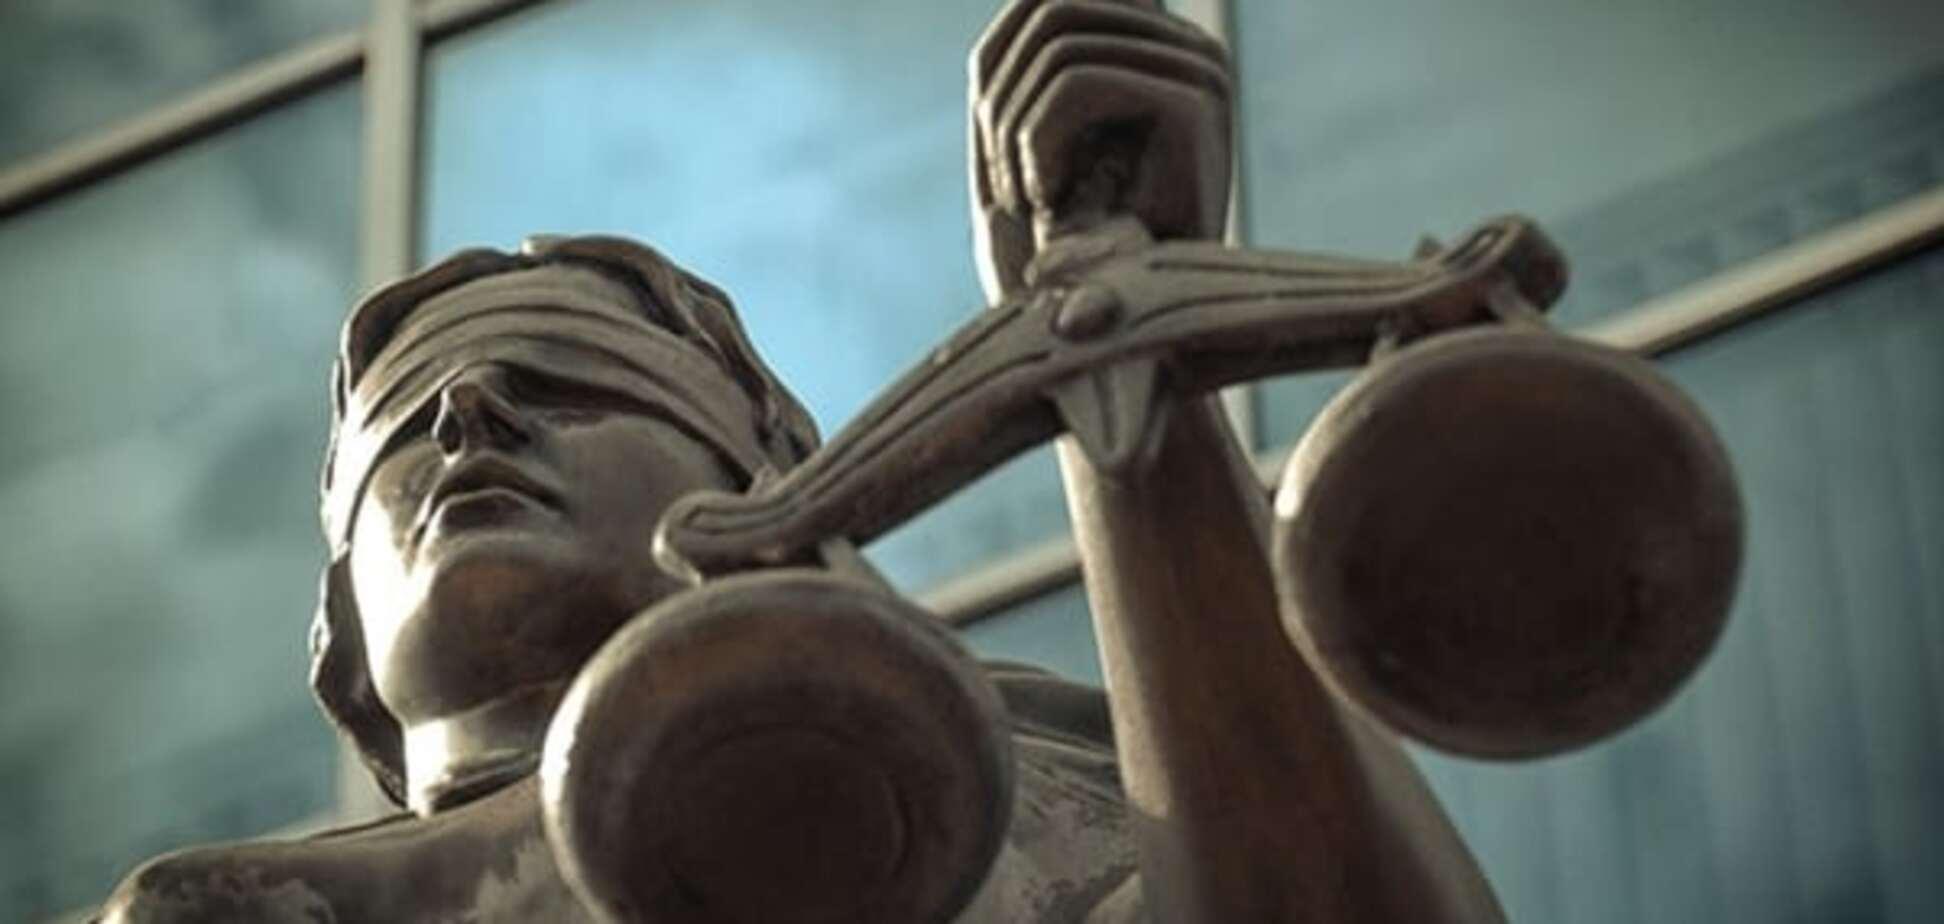 Люстраторы не нашли ни одного нарушения, проверяя имущество судей